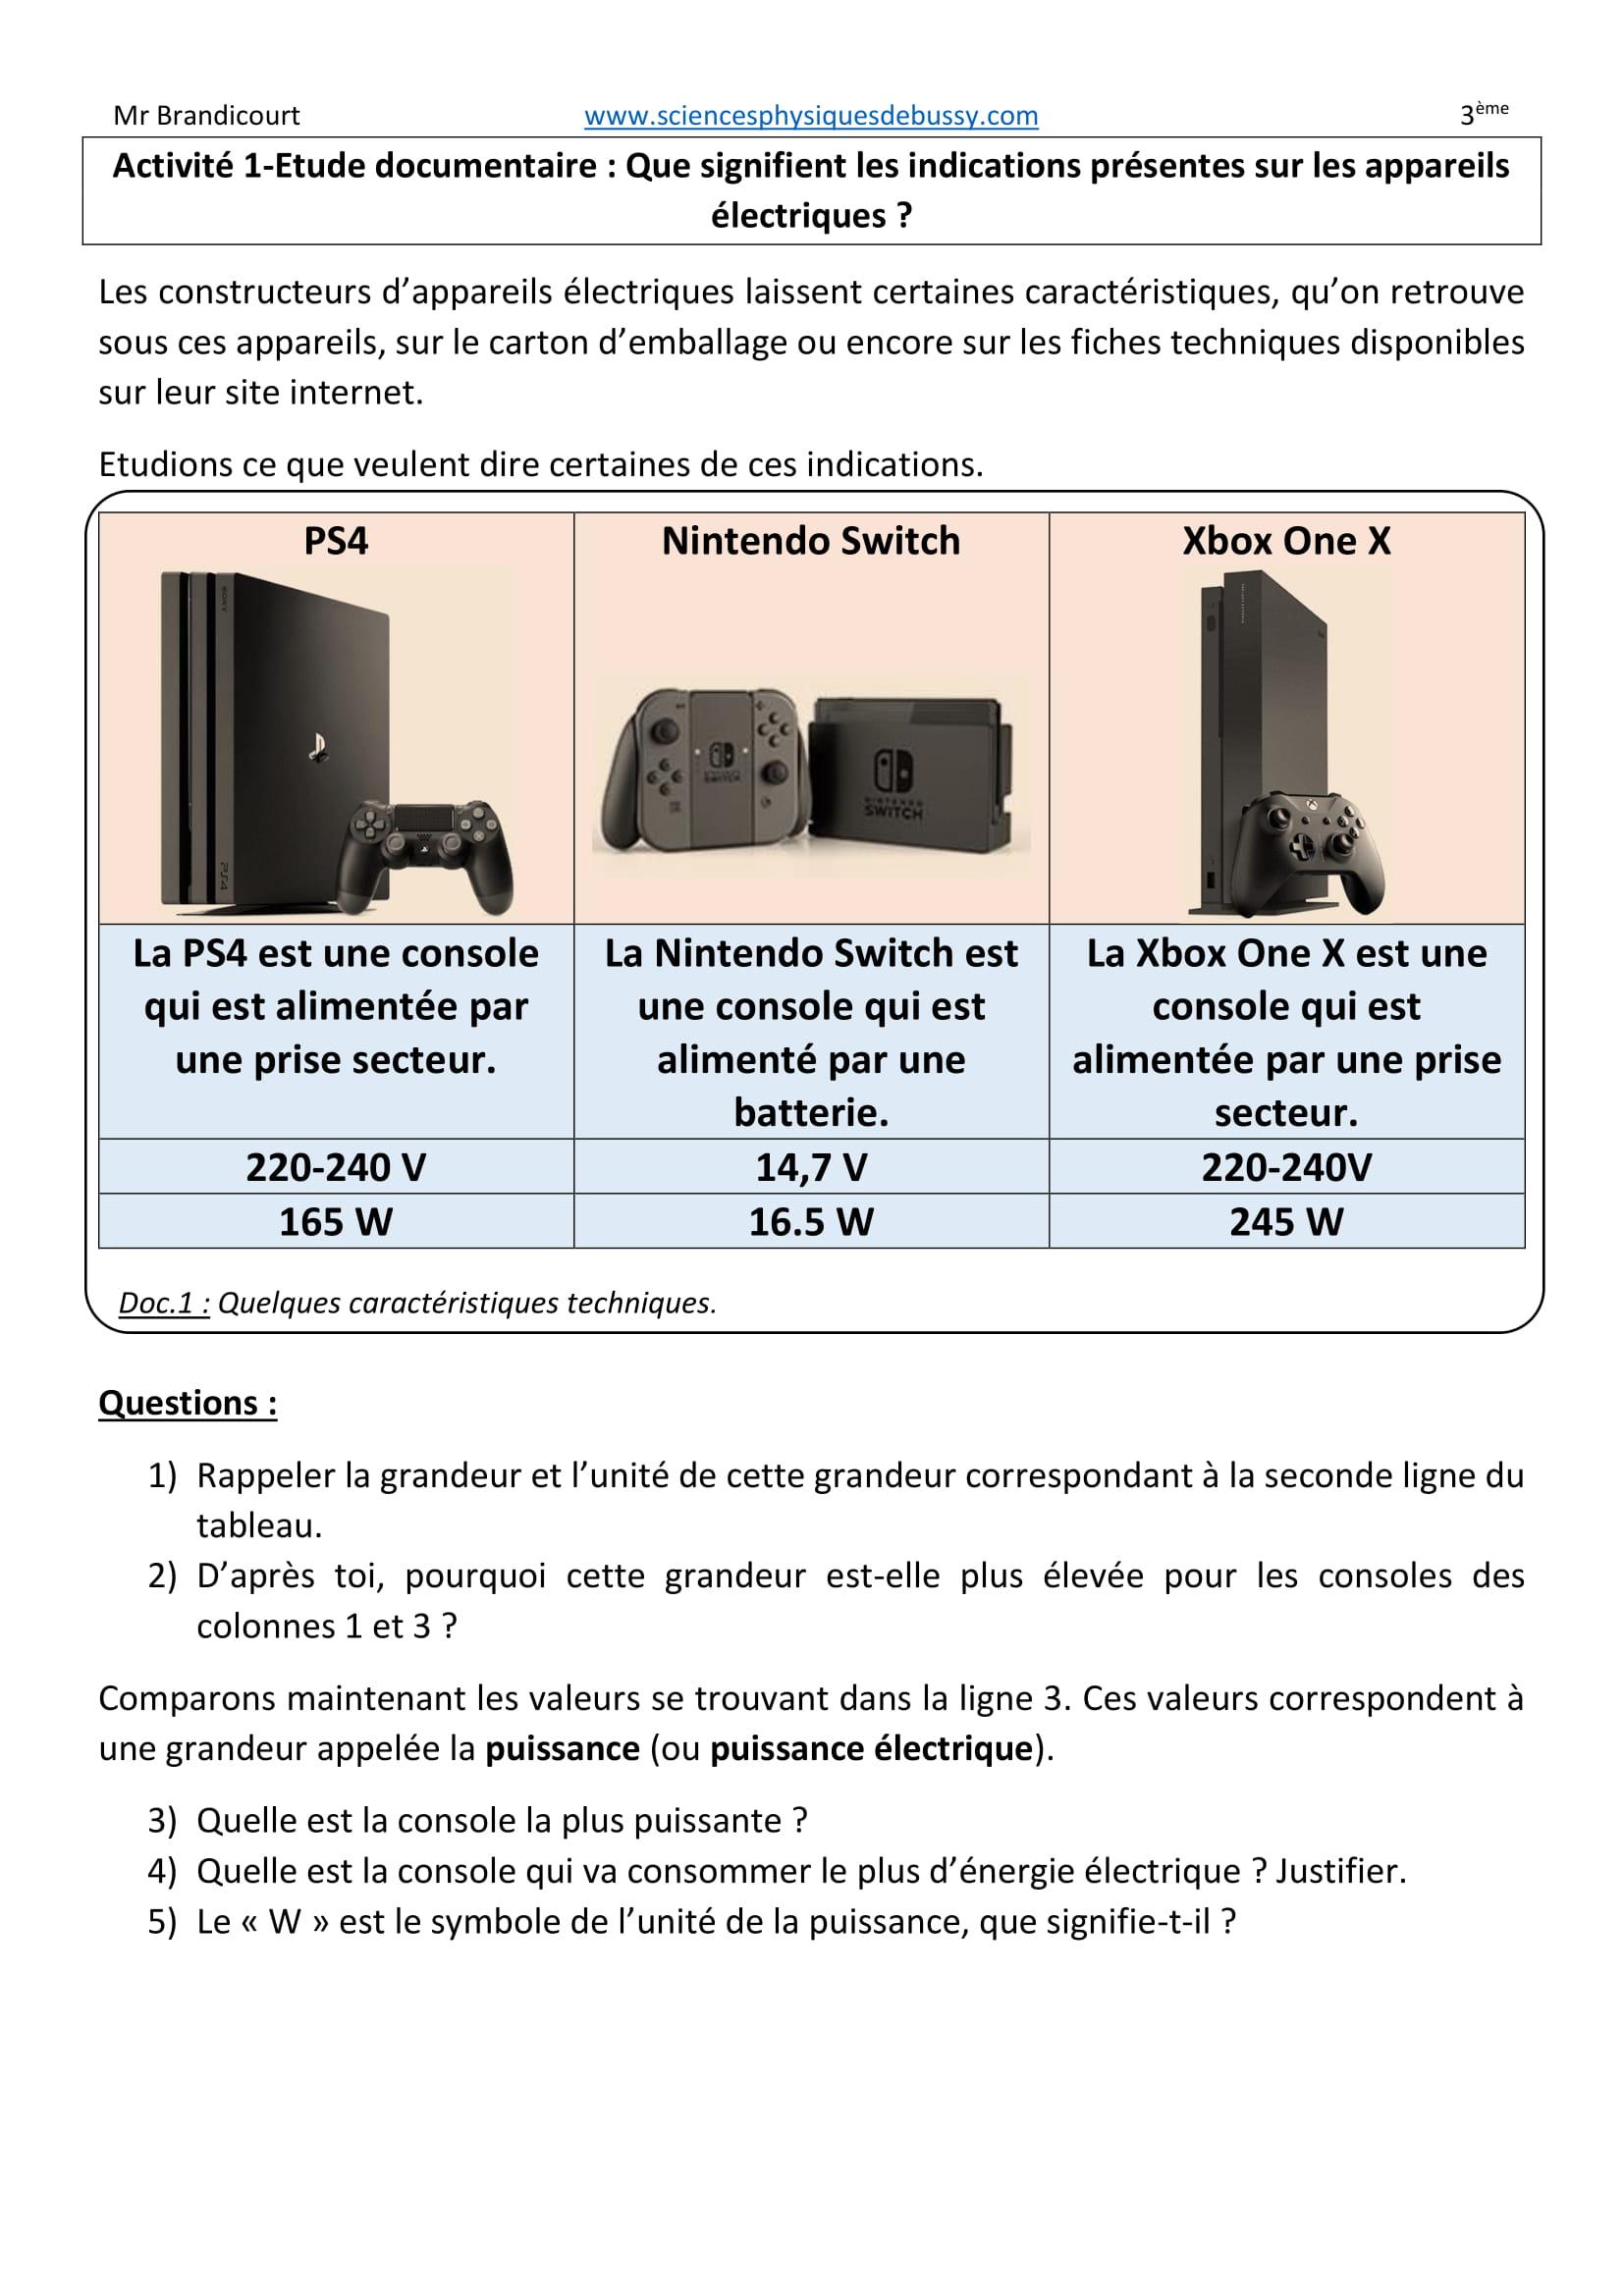 A1-Que signifient les indications présentes sur les appareils électriques-1